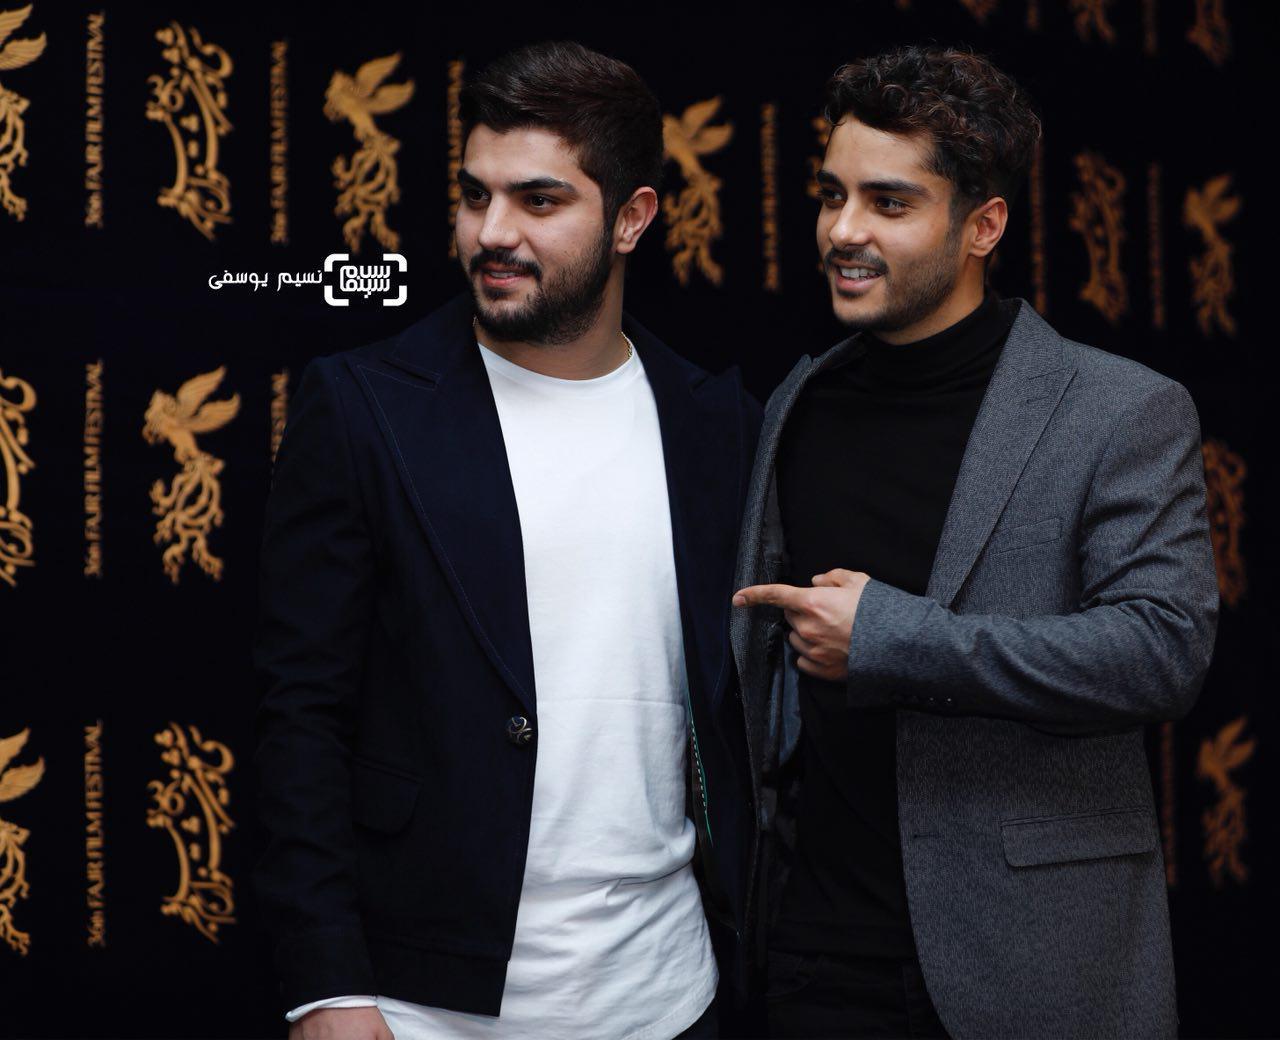 ساعد سهیلی و برادرش سینا سهیلی در اکران فیلم «ماهورا» در سی و ششمین جشنواره فیلم فجر